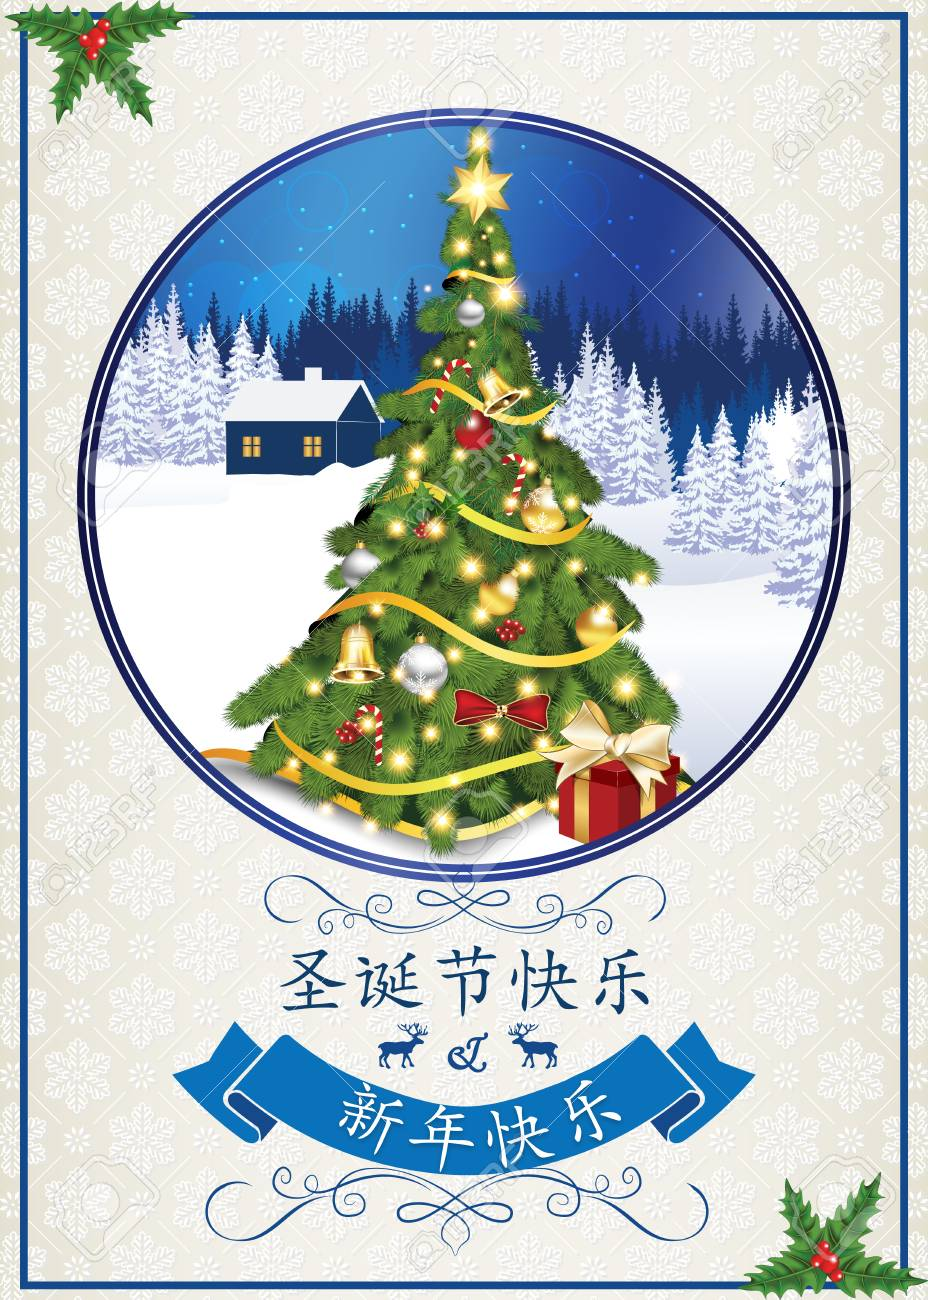 Elegante Chinesische Grußkarte Für Wintersaison. Chinesischer Text ...